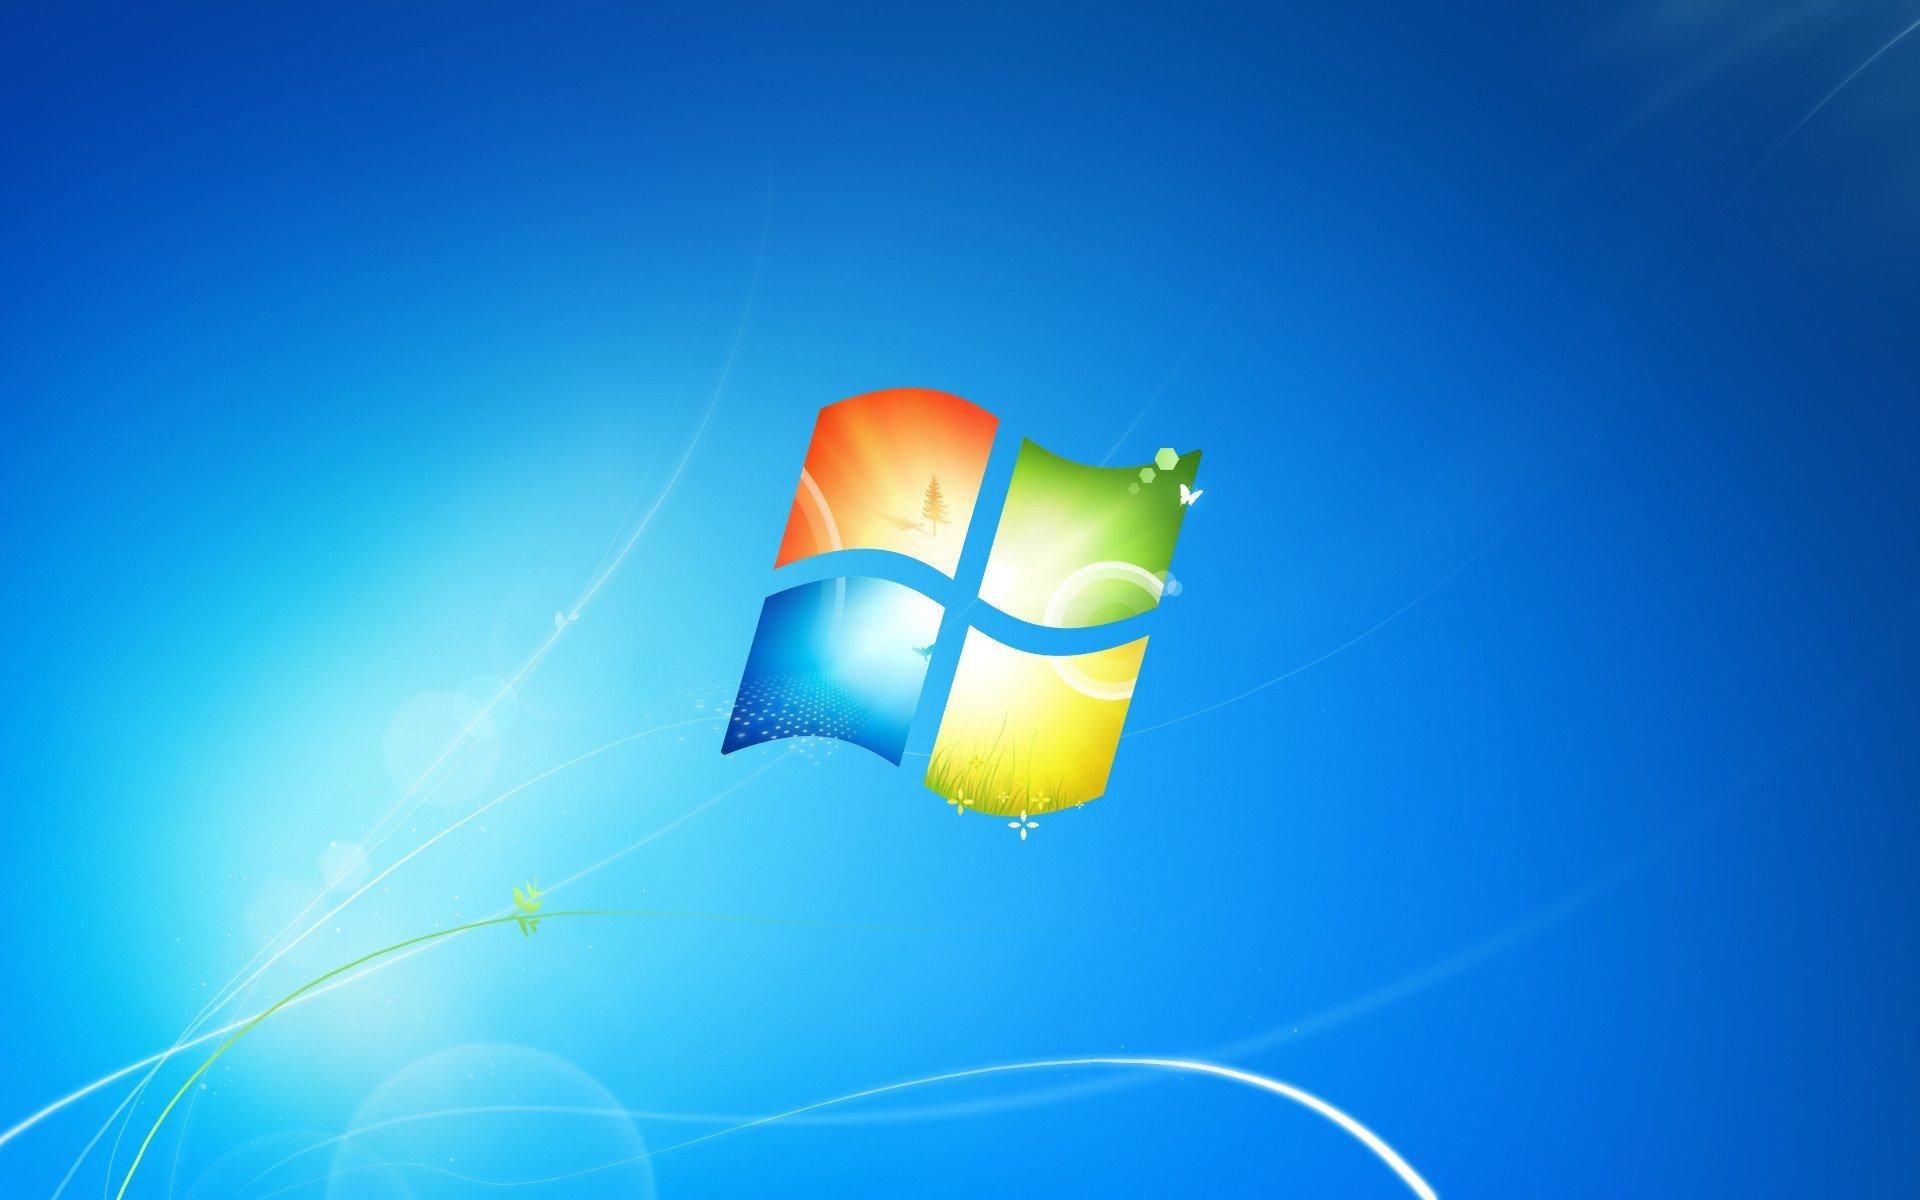 Un bug empêche Windows 7 de s'éteindre, Microsoft enquête